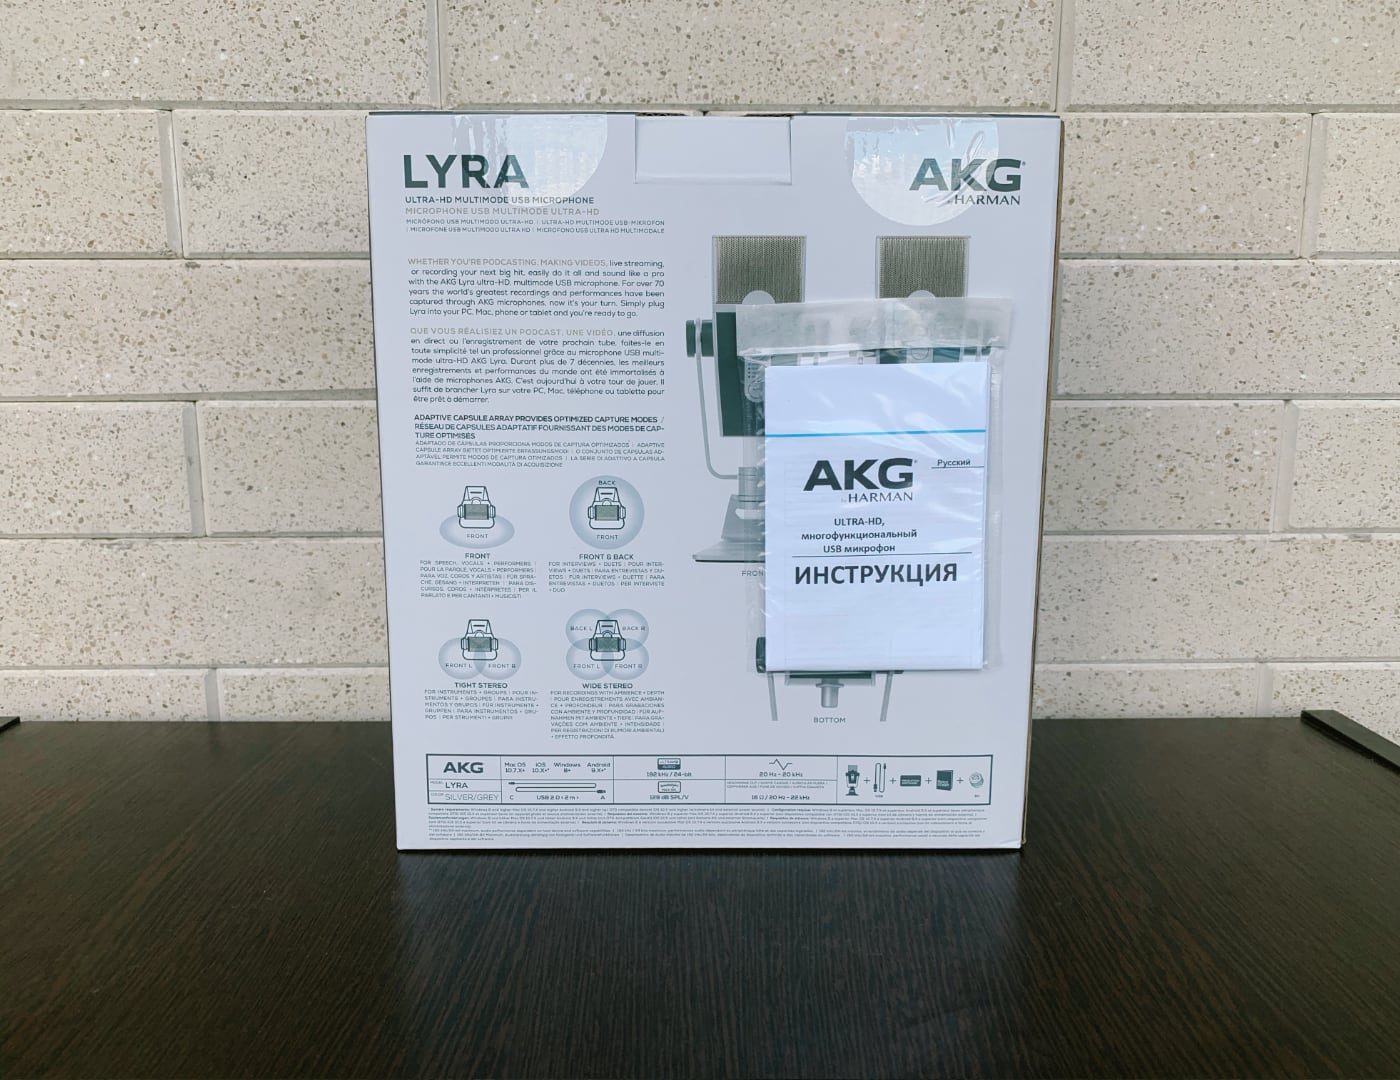 Обзор AKG Lyra